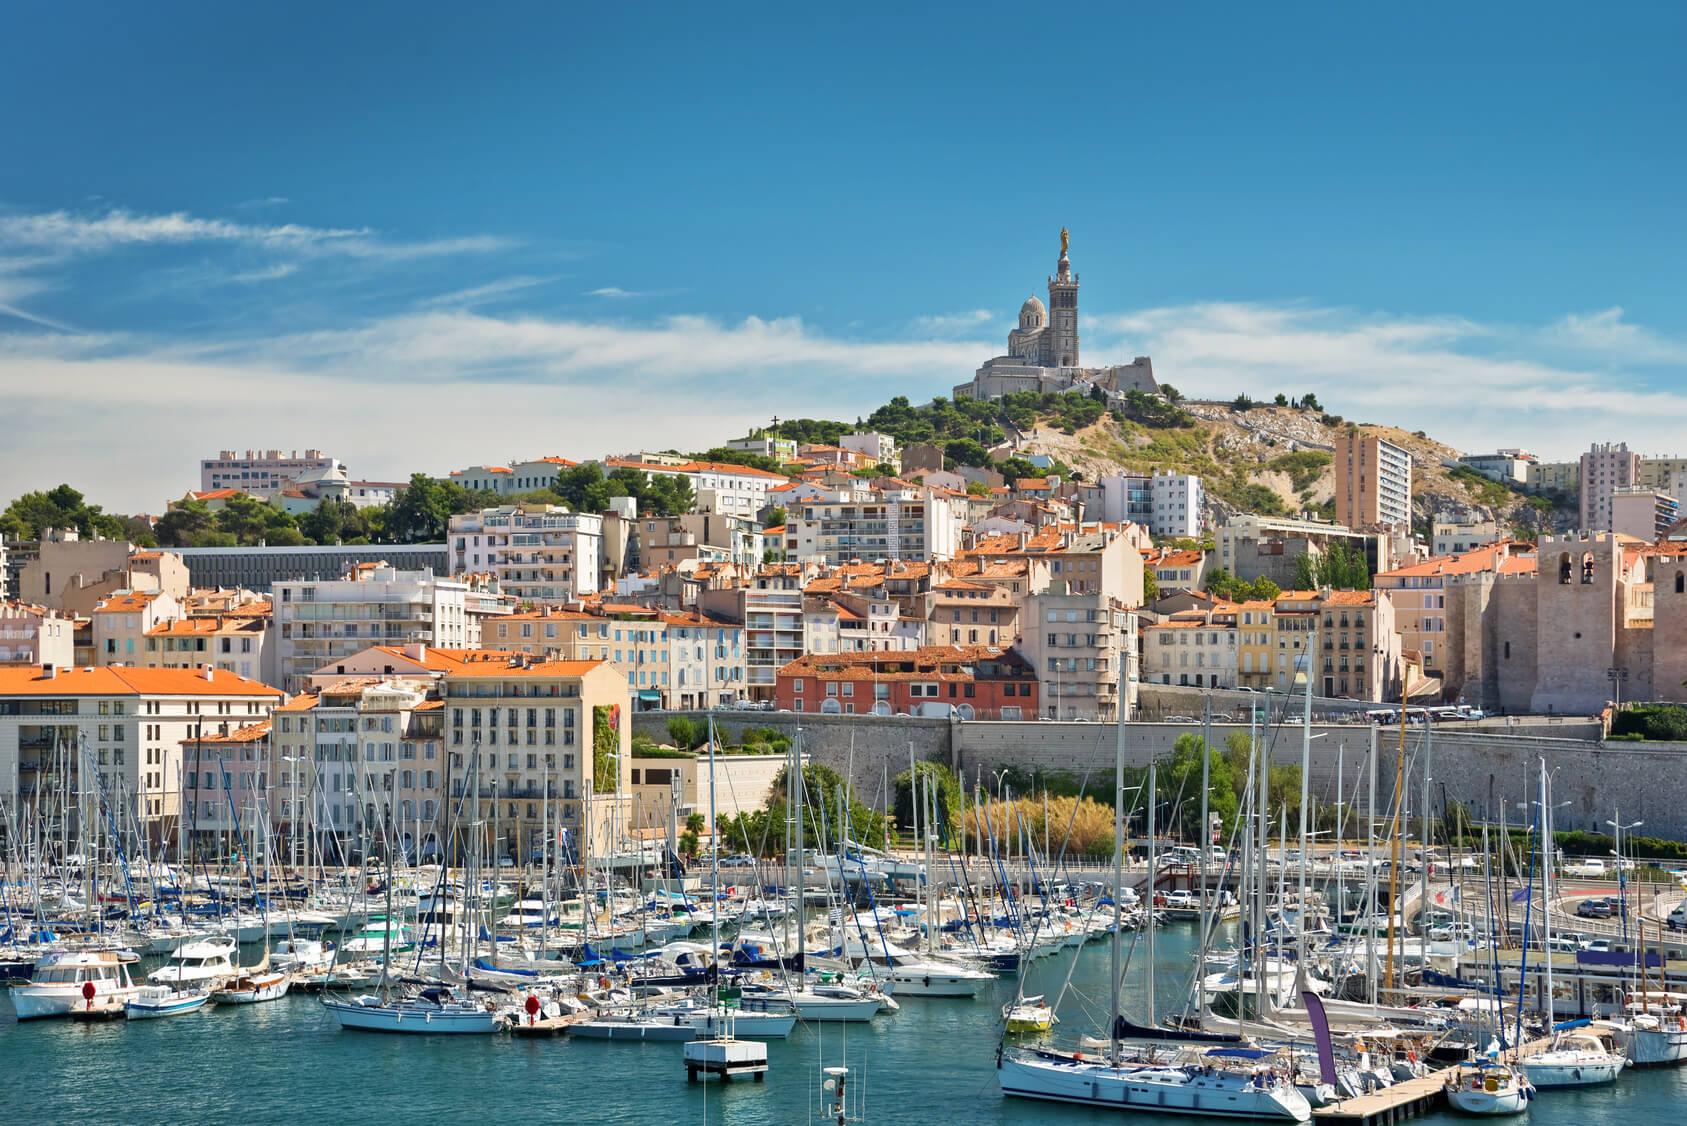 Location de voitures avec chauffeur privé à Marseille Aix-en-Provence